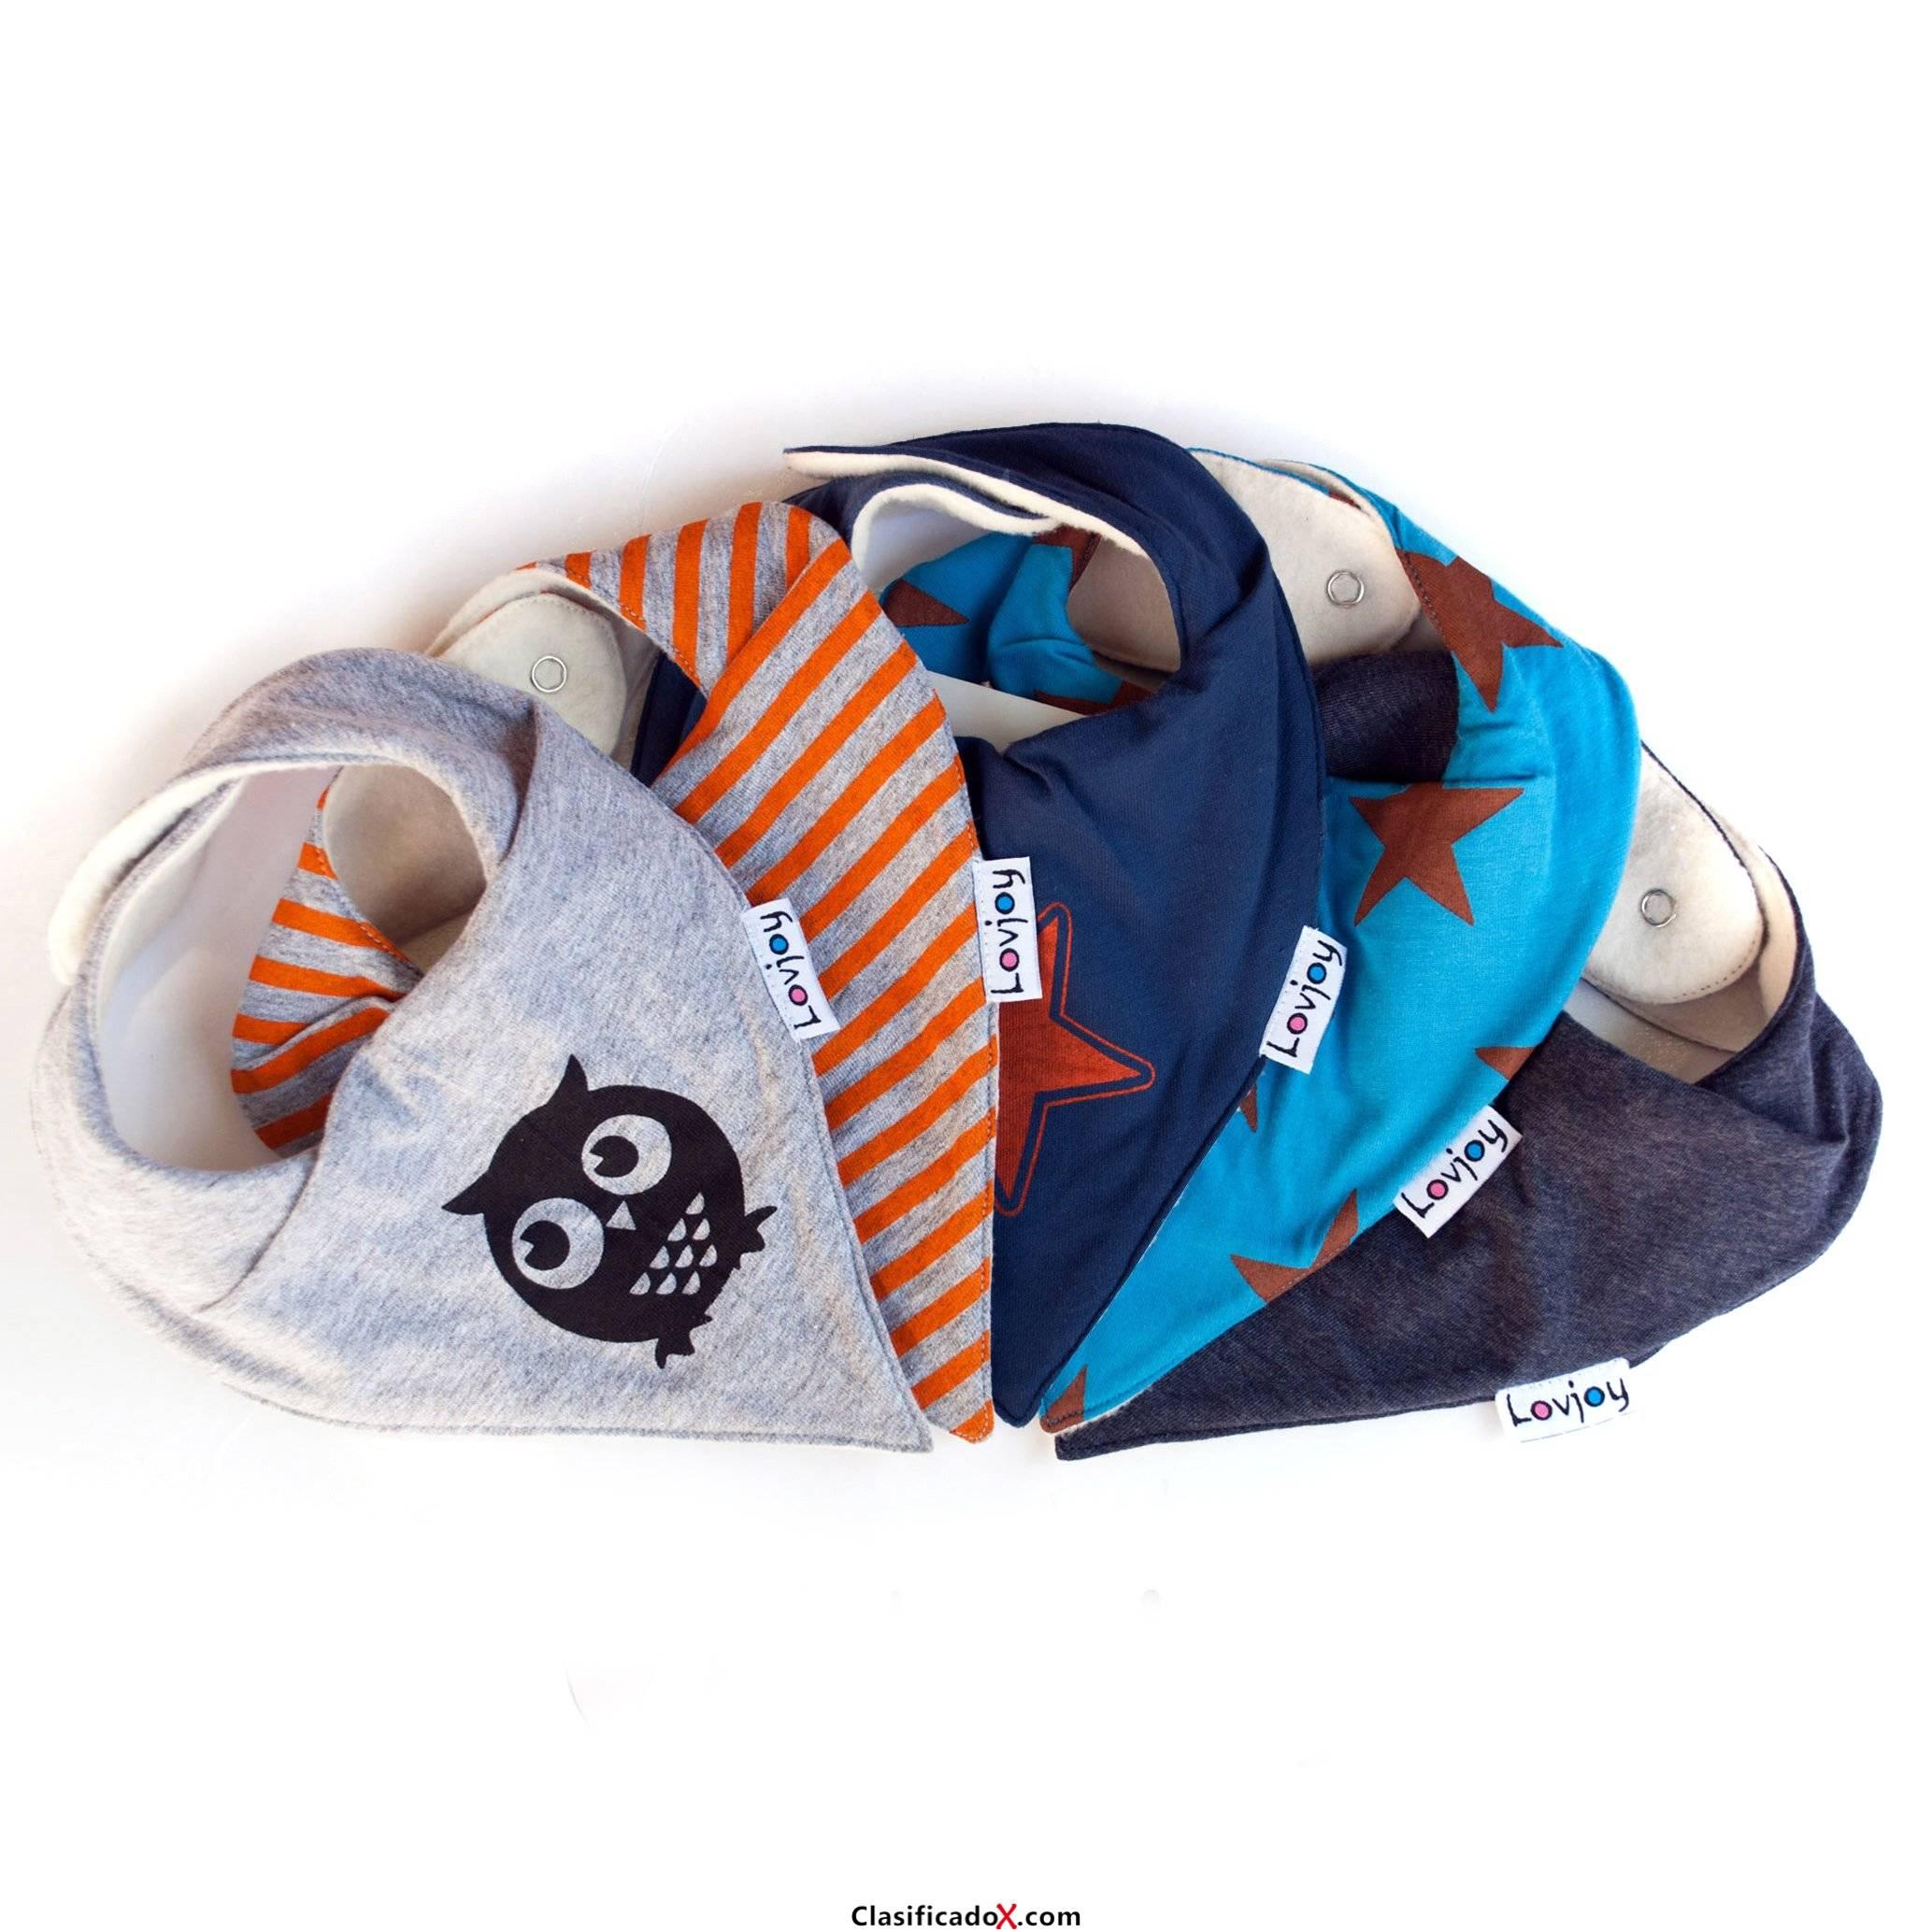 Lovjoy Baberos del bebé - Paquete de 5 Diseños para niño (estrella urbana). Envíos a Cádiz